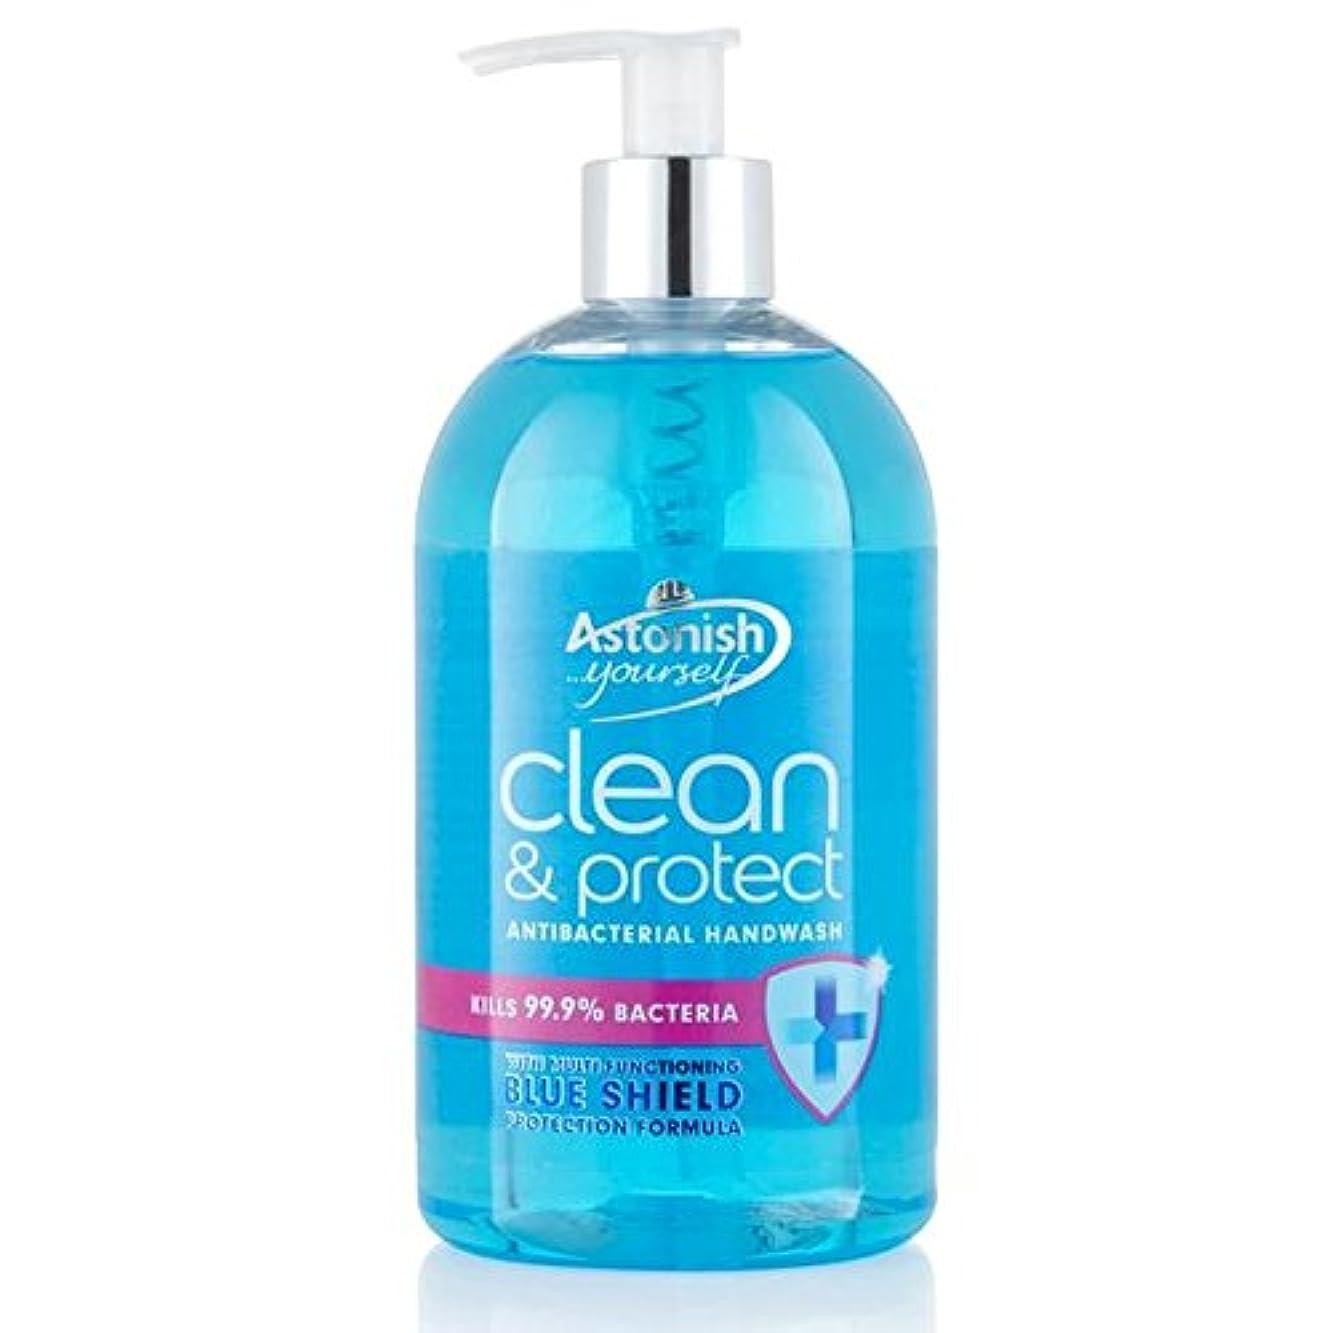 発表陪審標準クリーン驚か&ハンドウォッシュ500ミリリットルを保護 x4 - Astonish Clean & Protect Hand Wash 500ml (Pack of 4) [並行輸入品]